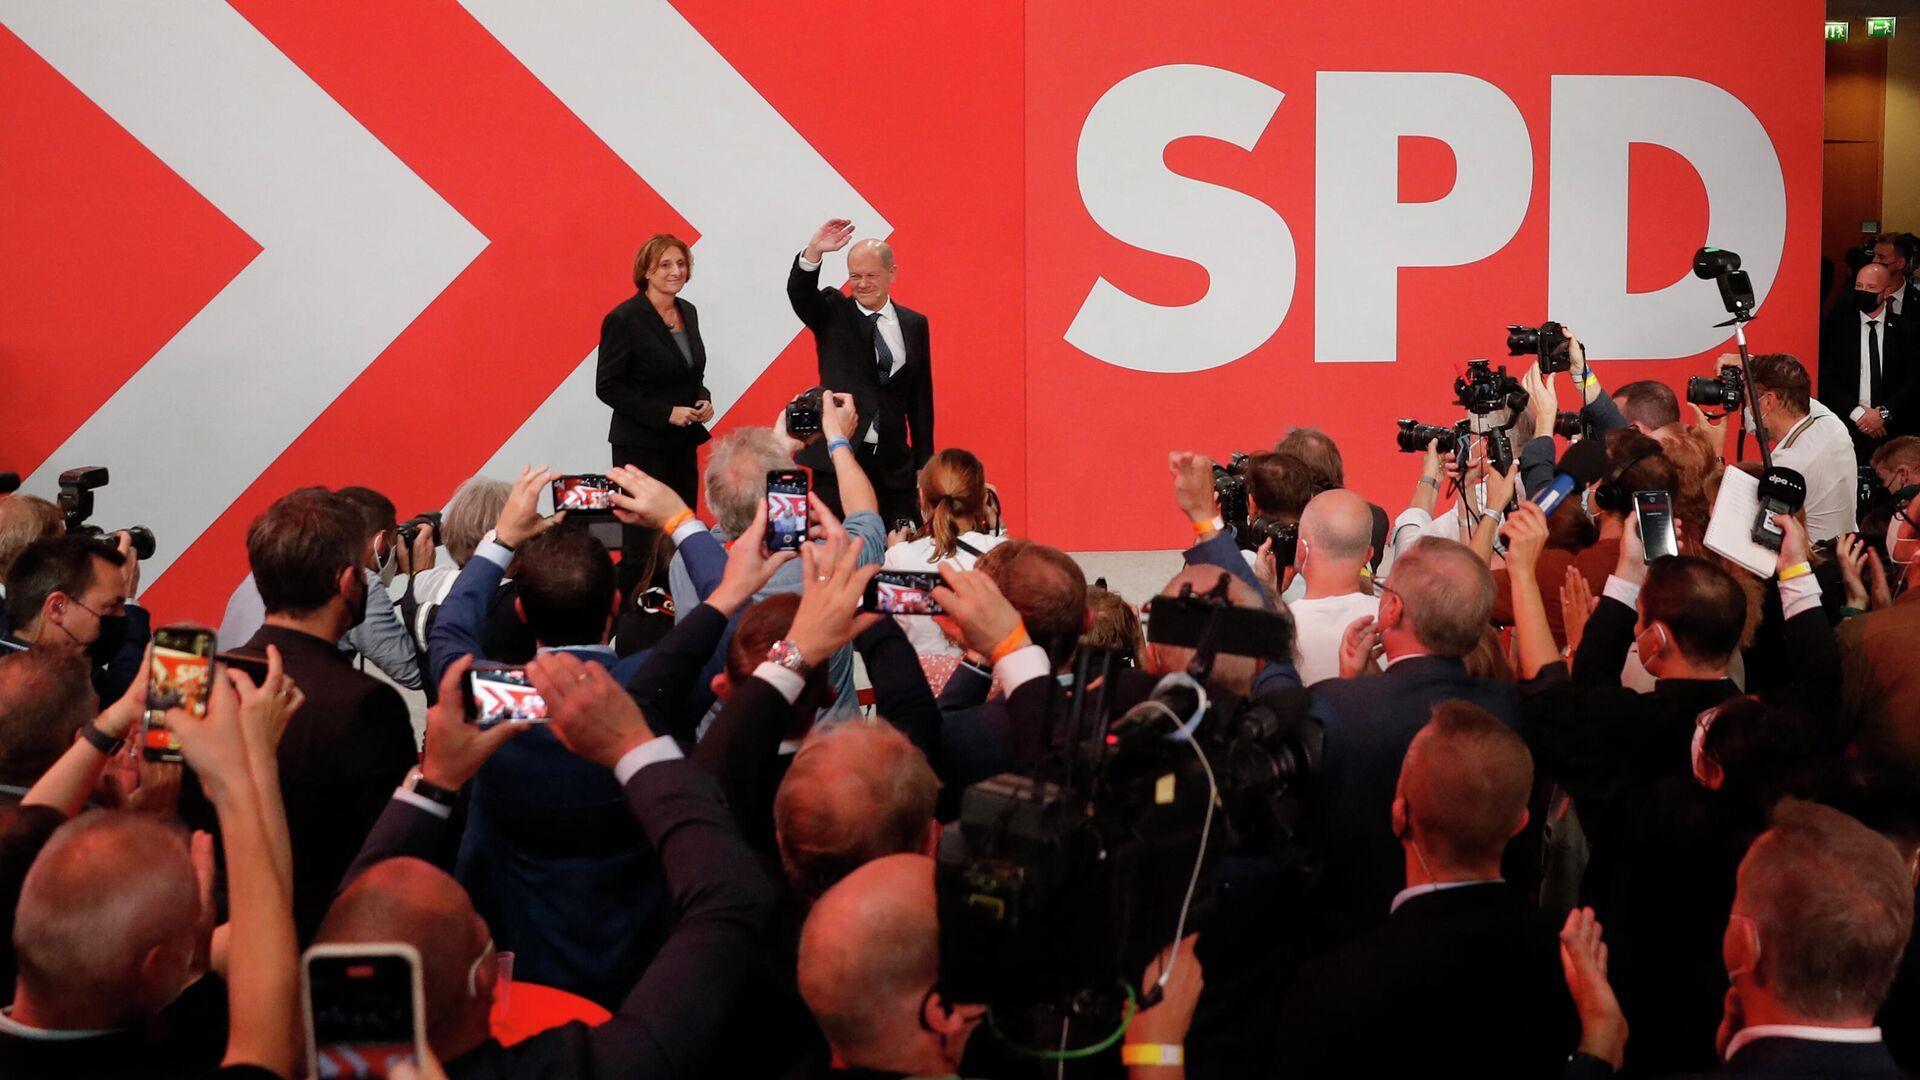 Олаф Шольц и лидеры Социал-Демократов в избирательном штабе - Sputnik Грузия, 1920, 27.09.2021